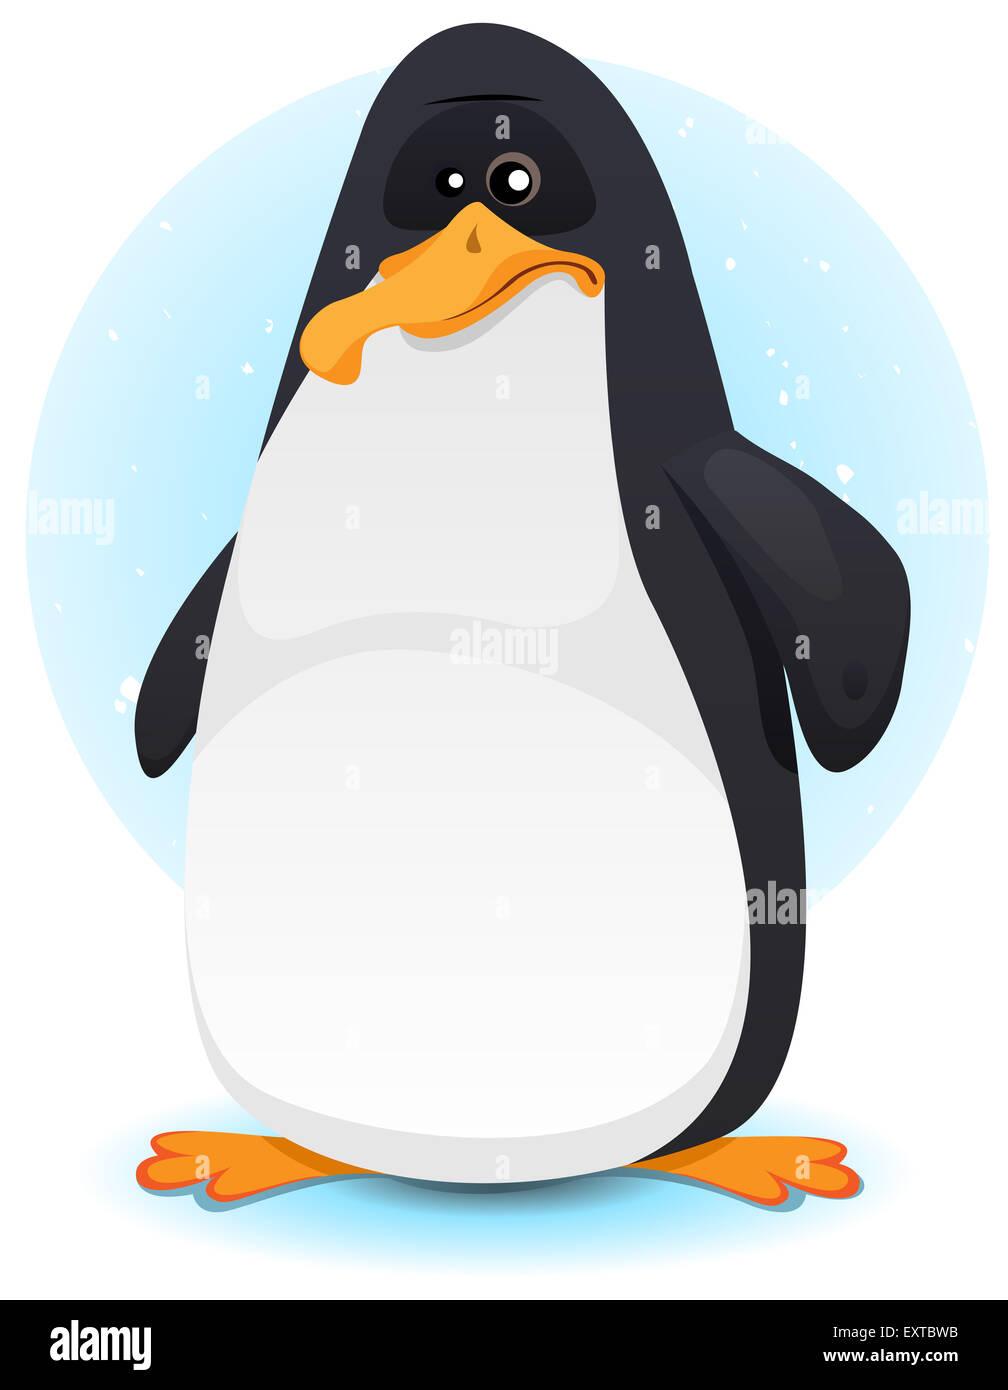 Illustration D Un Petit Personnage De Dessin Anime Pingouin Sur La